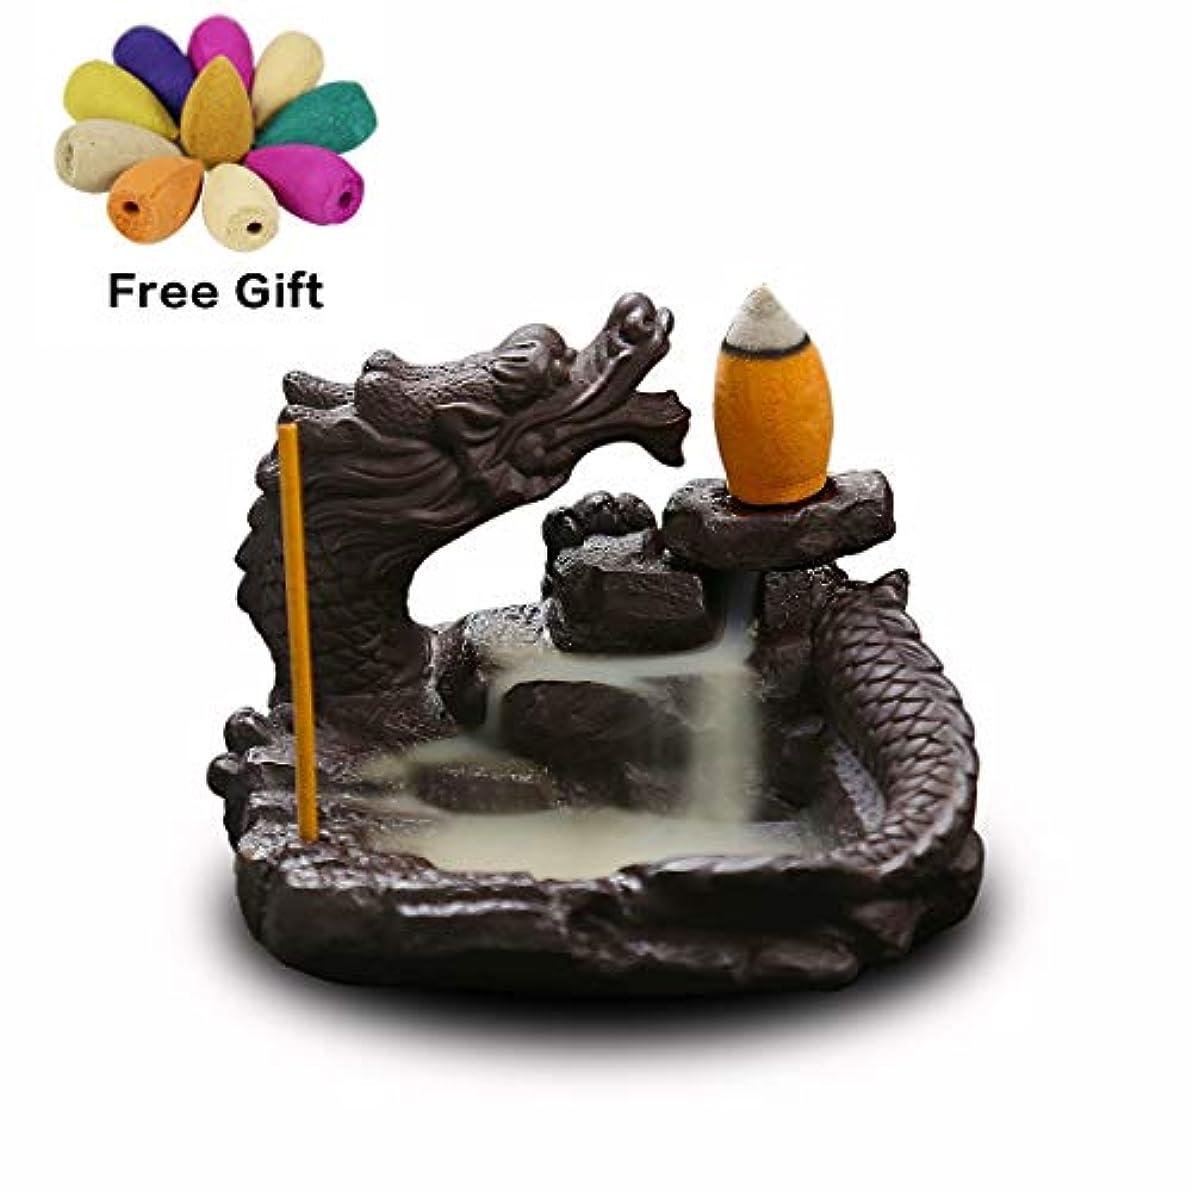 勇者収束あらゆる種類の(Style6) - OTOFY Mythical Dragon Backflow Incense Holder Figurine Incense Cone Holder Gothic Home Decor